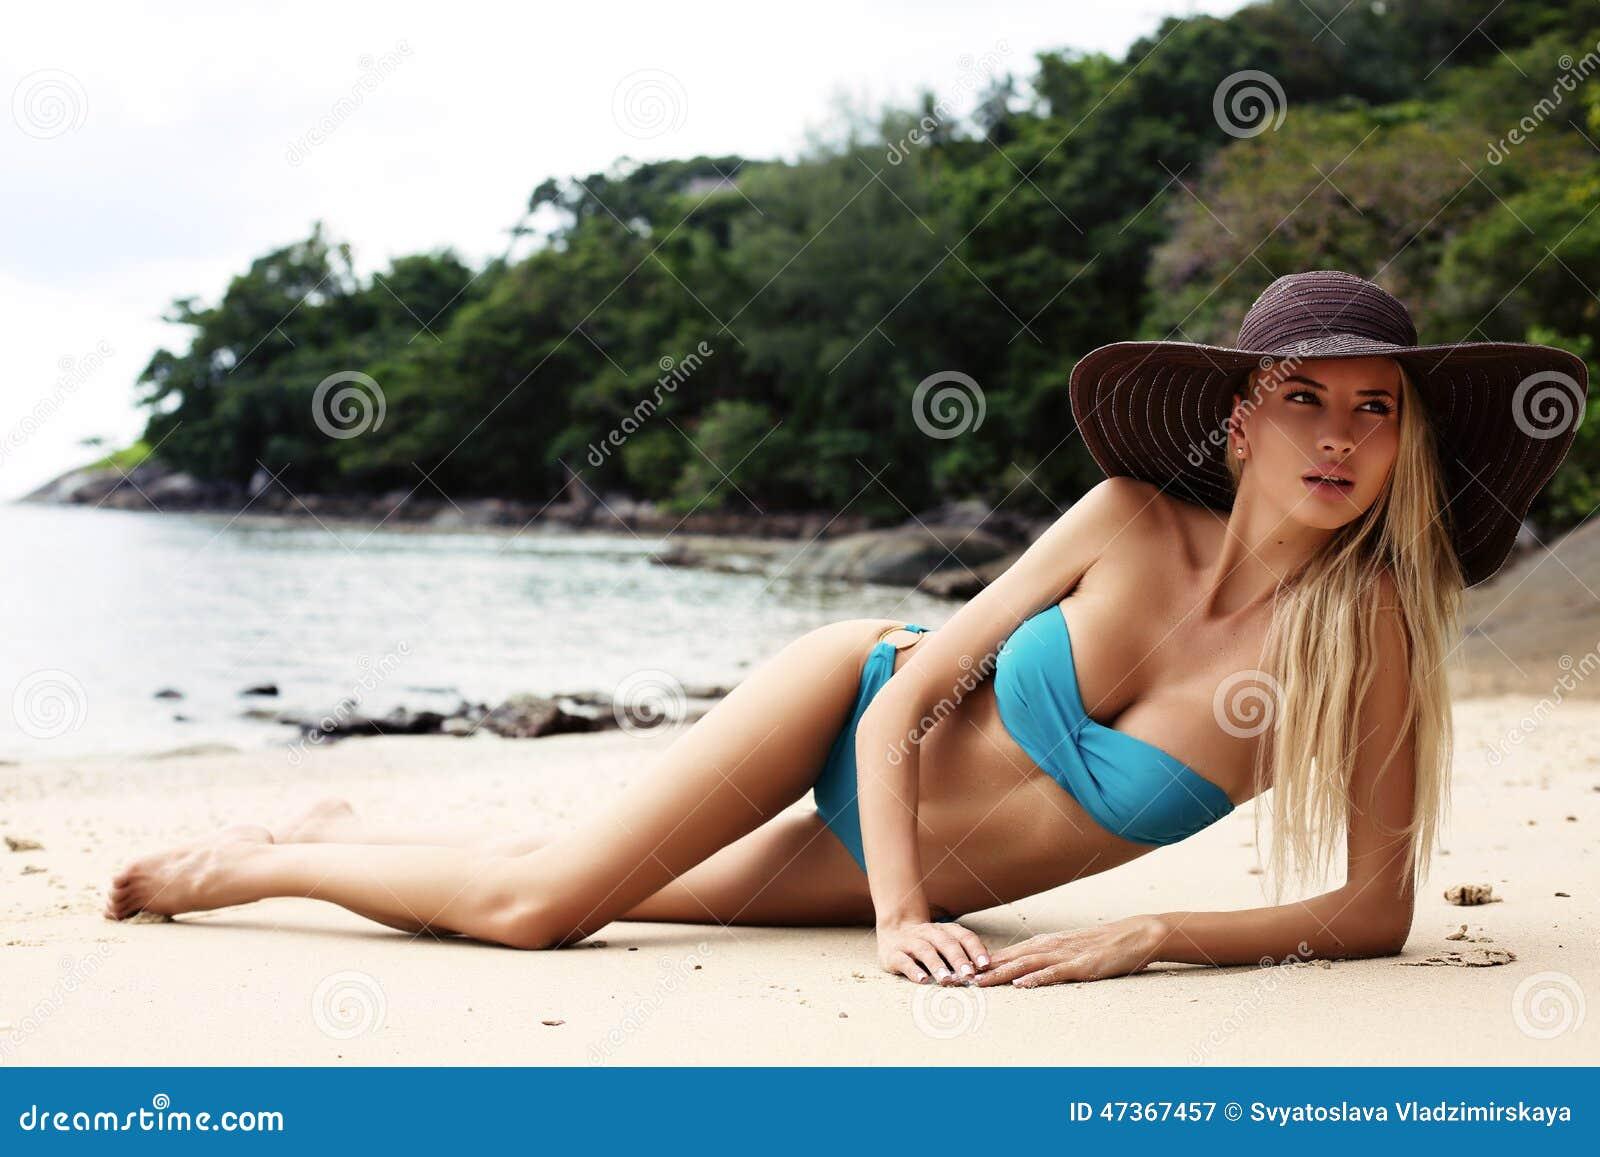 Фото девушек в бикини на природе 16 фотография